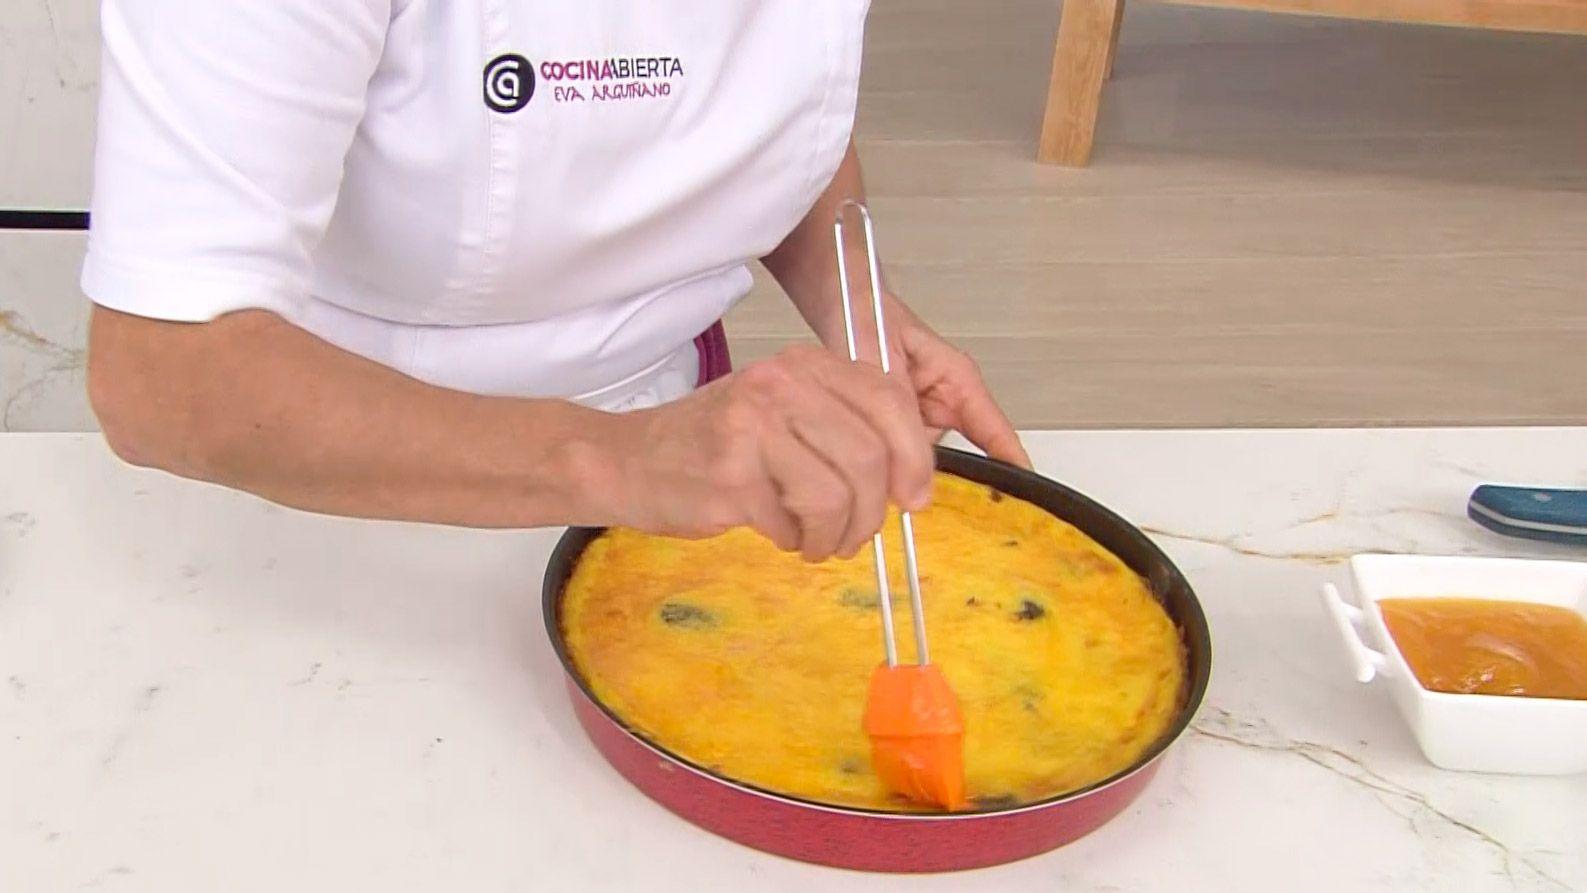 Tarta de ciruelas pasas: un postre fácil al horno de Eva Arguiñano - paso 6